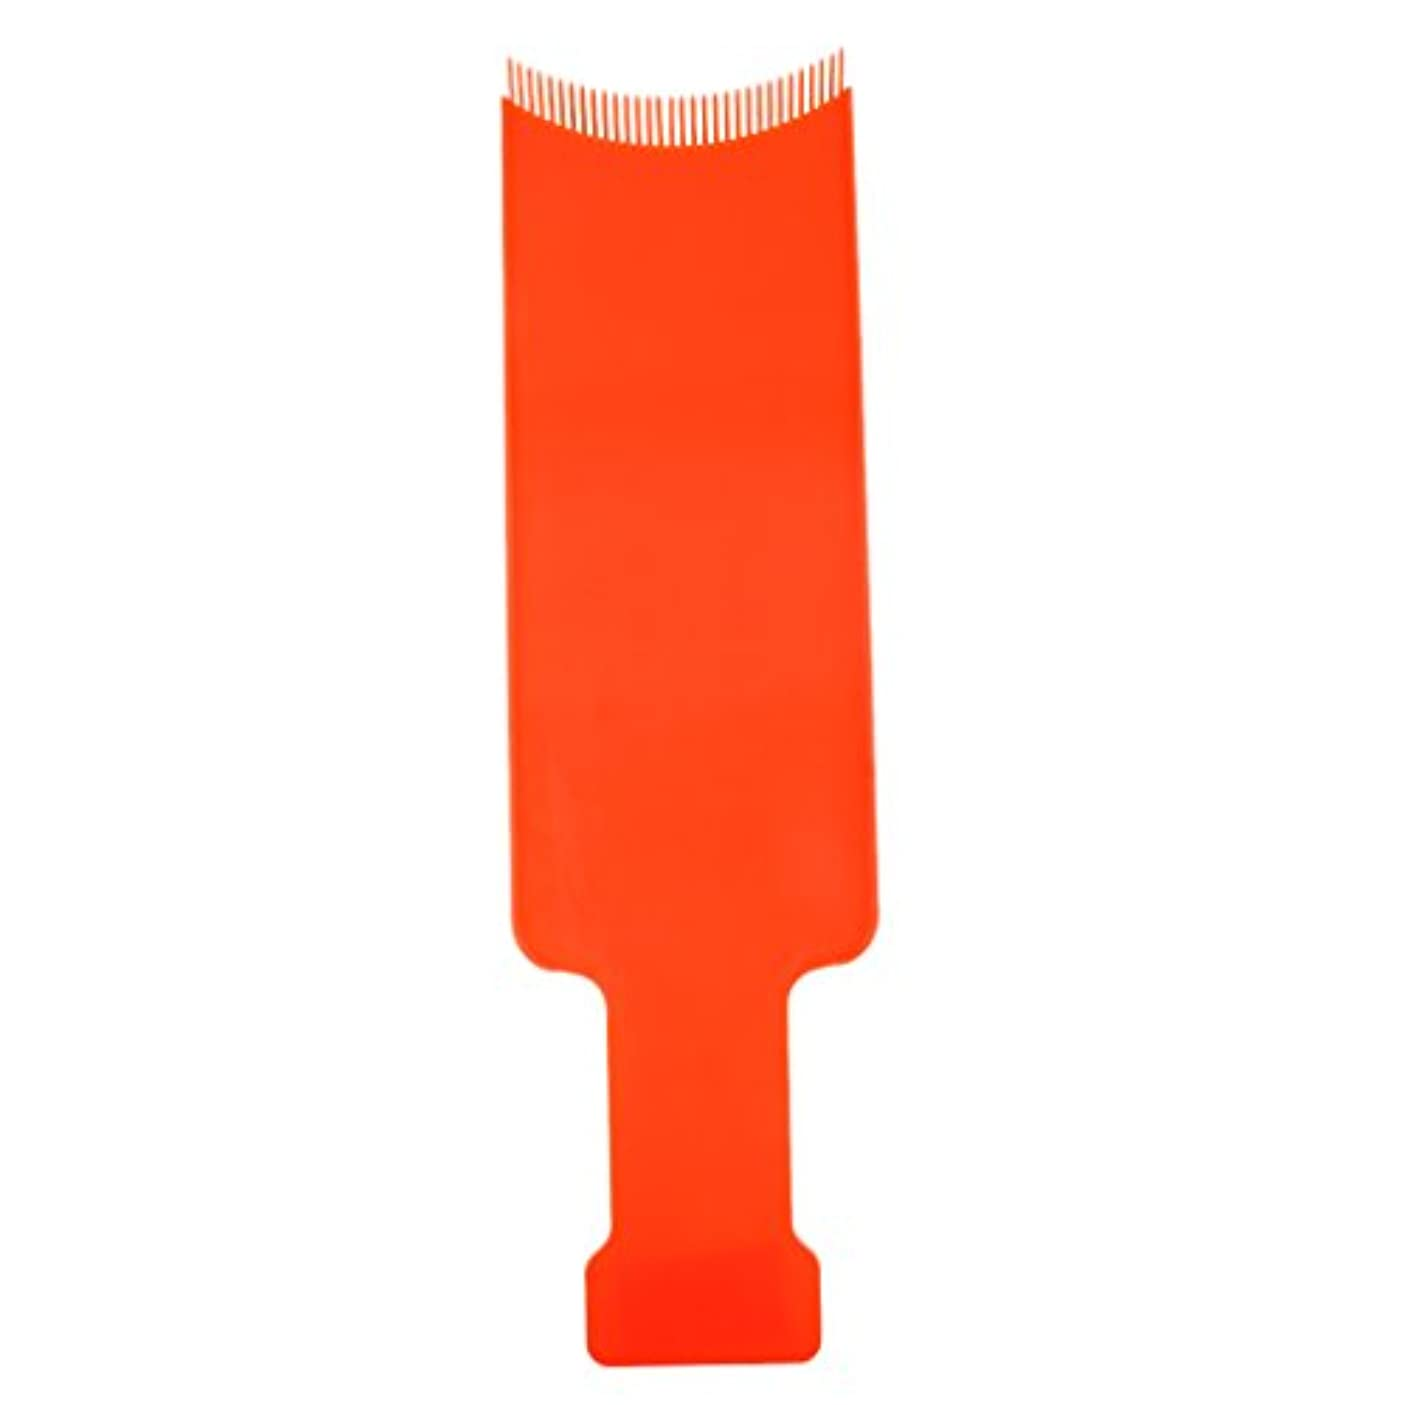 合体サンプル偏差Kesoto 染色櫛プレート 染めボード 髪を染め 頭皮保護 着色ボード ヘアブラシ ヘアコーム ヘアカラー 櫛 2サイズ2色選べる - L, オレンジ